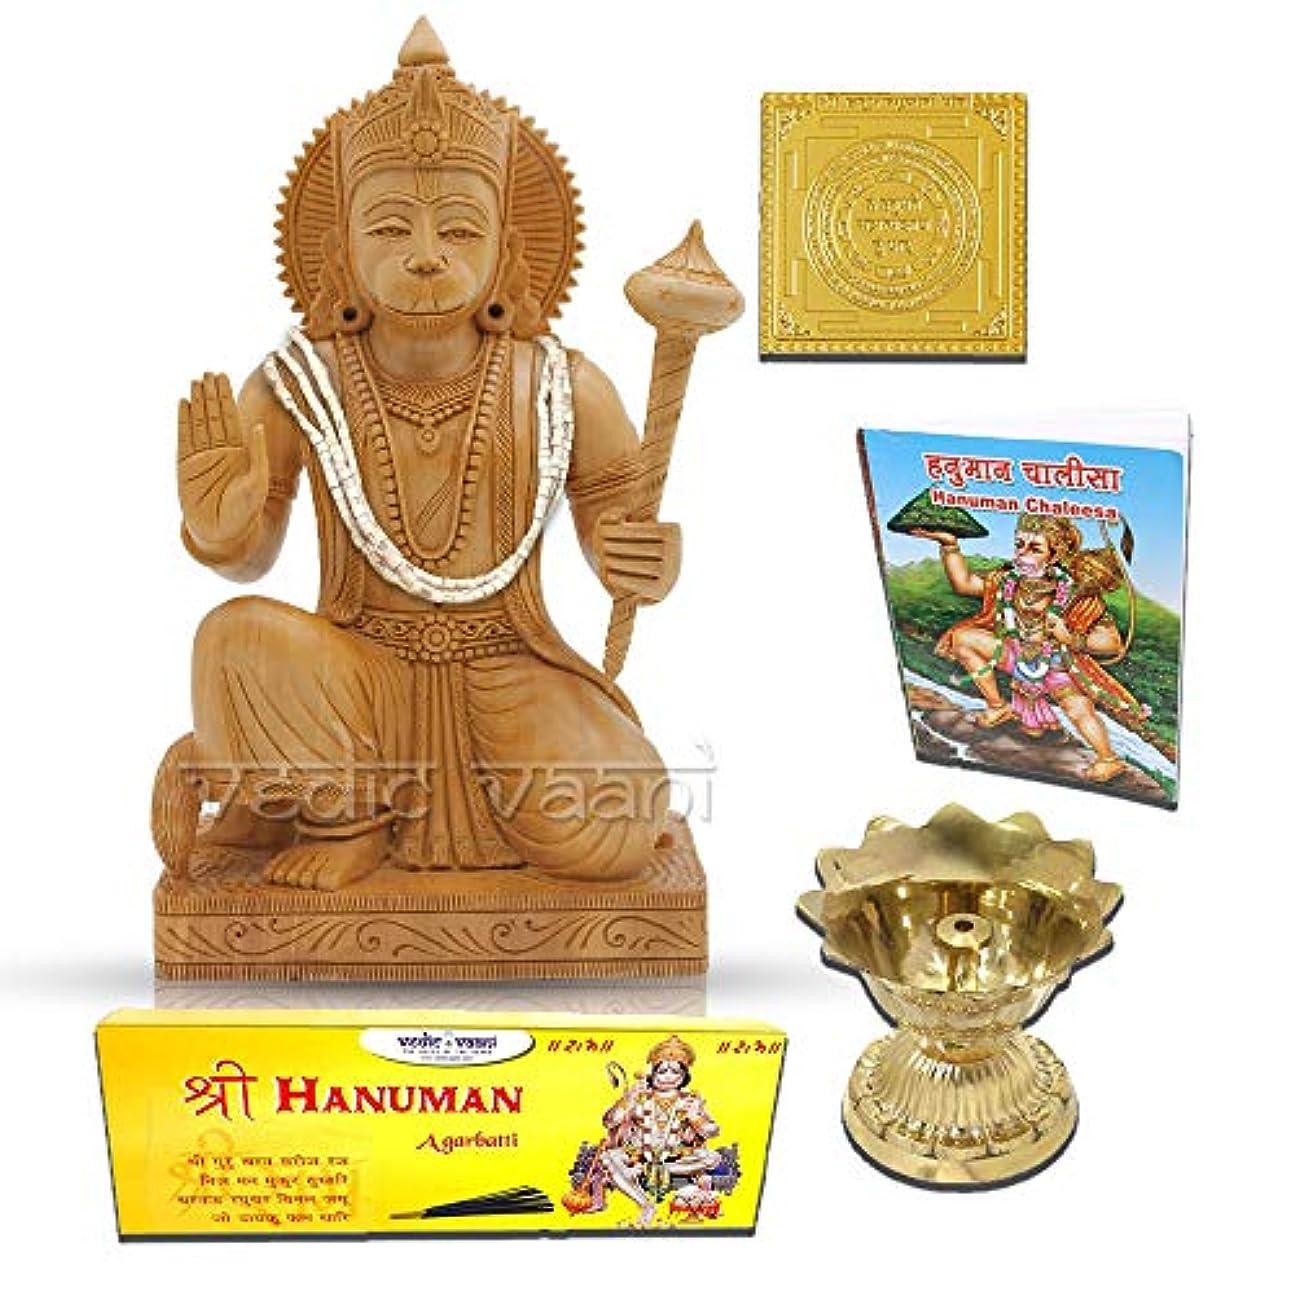 溶接脱走に慣れLord Hanuman木製Statue withヤントラ、Chalisa、Diya and Incense Sticks Vedic Vaani